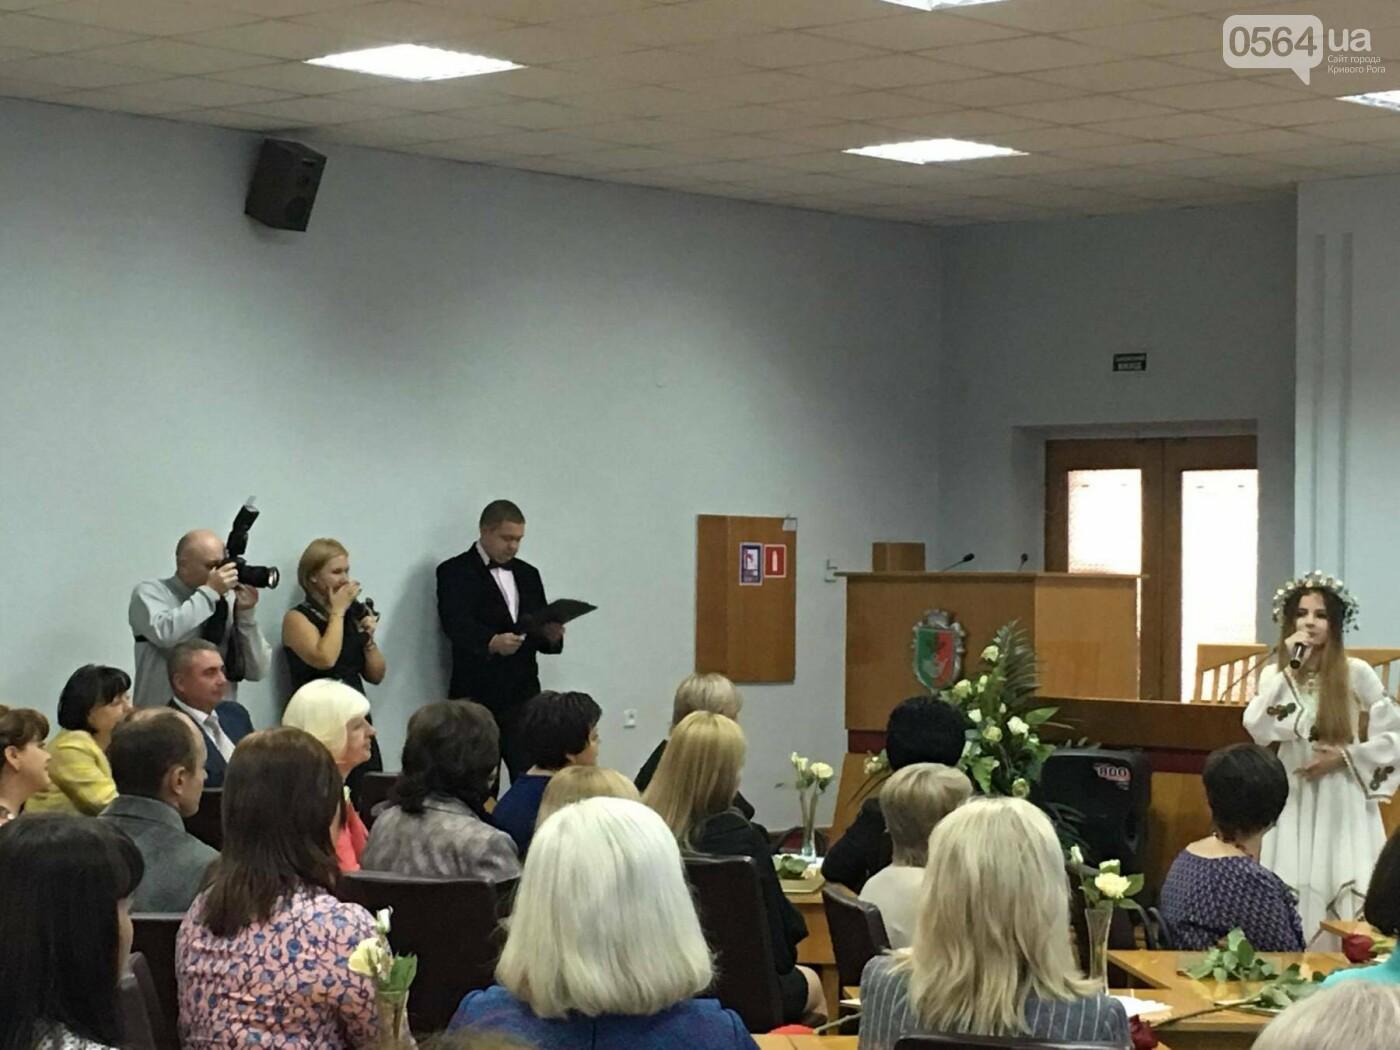 Криворожских педагогов призвали воспитывать патриотов и активистов (ФОТО, ВИДЕО), фото-5